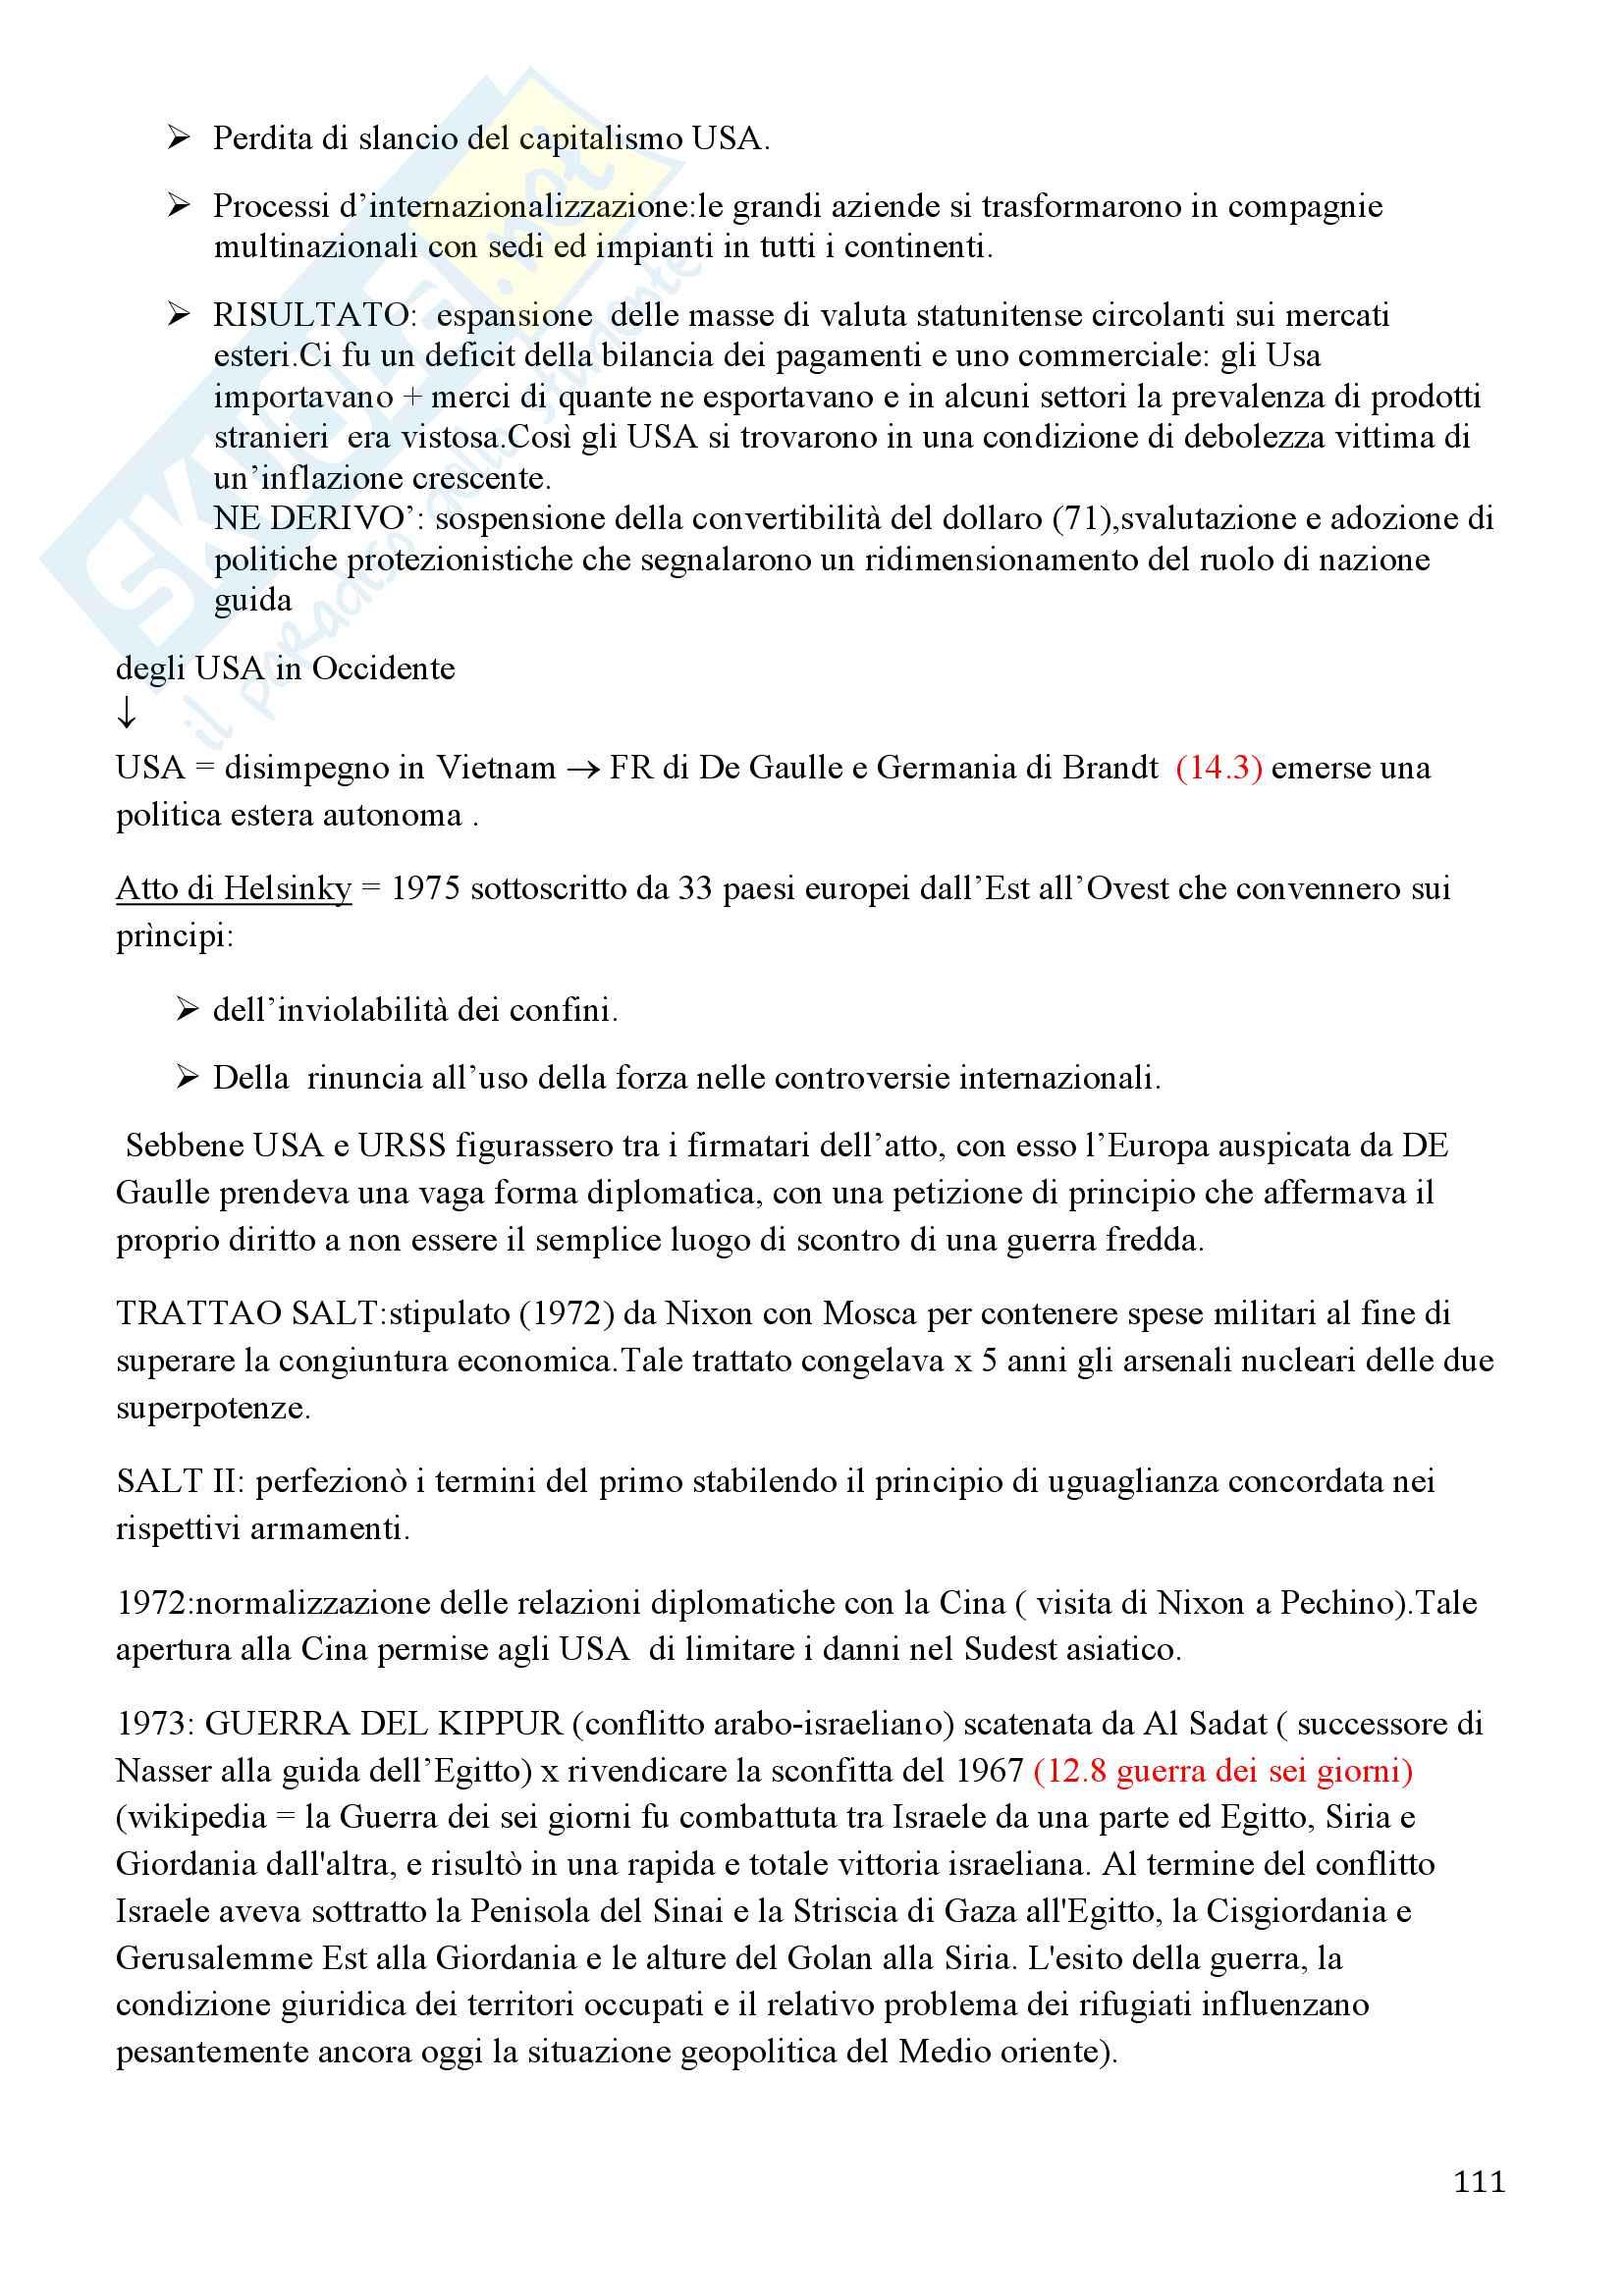 Storia Contemporanea, Detti, Gozzini il Novecento - Riassunto Pag. 111